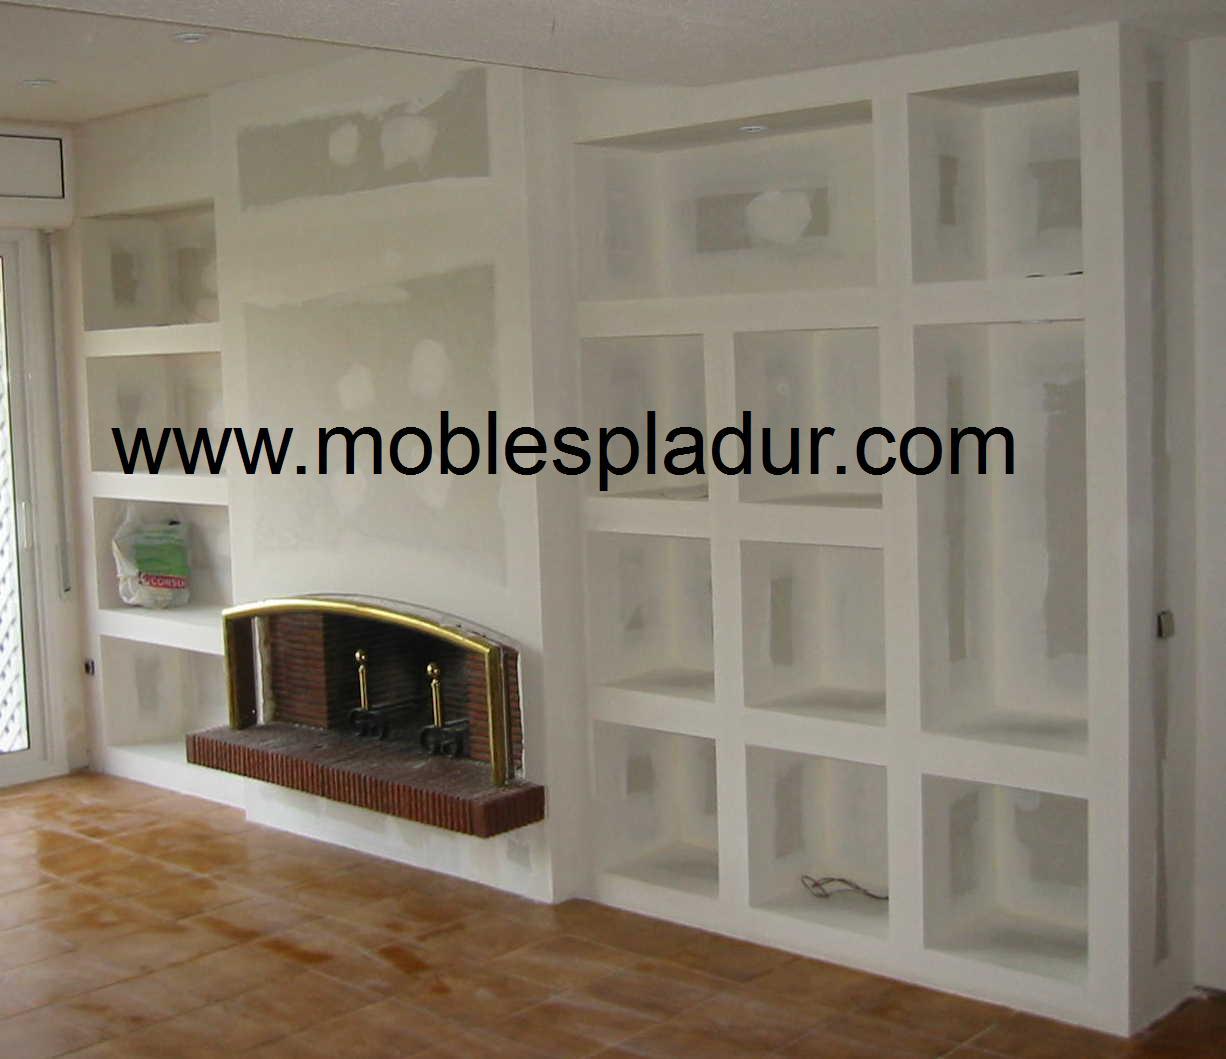 Pladur barcelona chimenea pladur - Muebles de salon con chimenea integrada ...